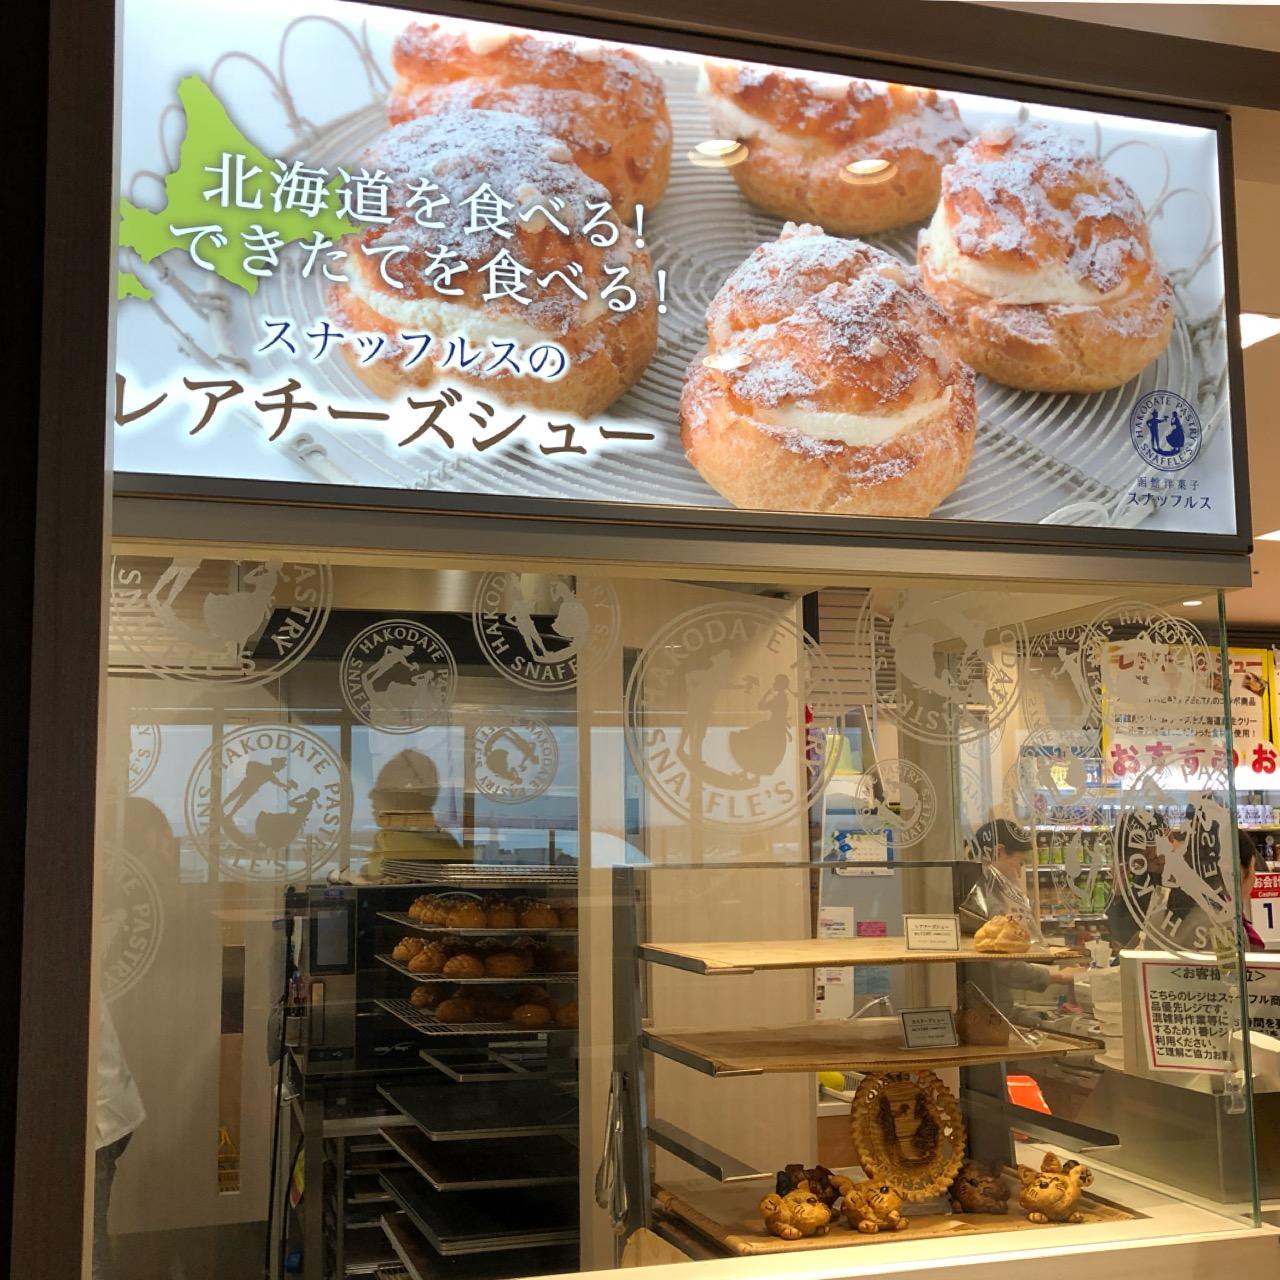 <新千歳空港限定>スナッフルスの濃厚なレアチーズシュークリームが食べられるのココだけ!♡_2